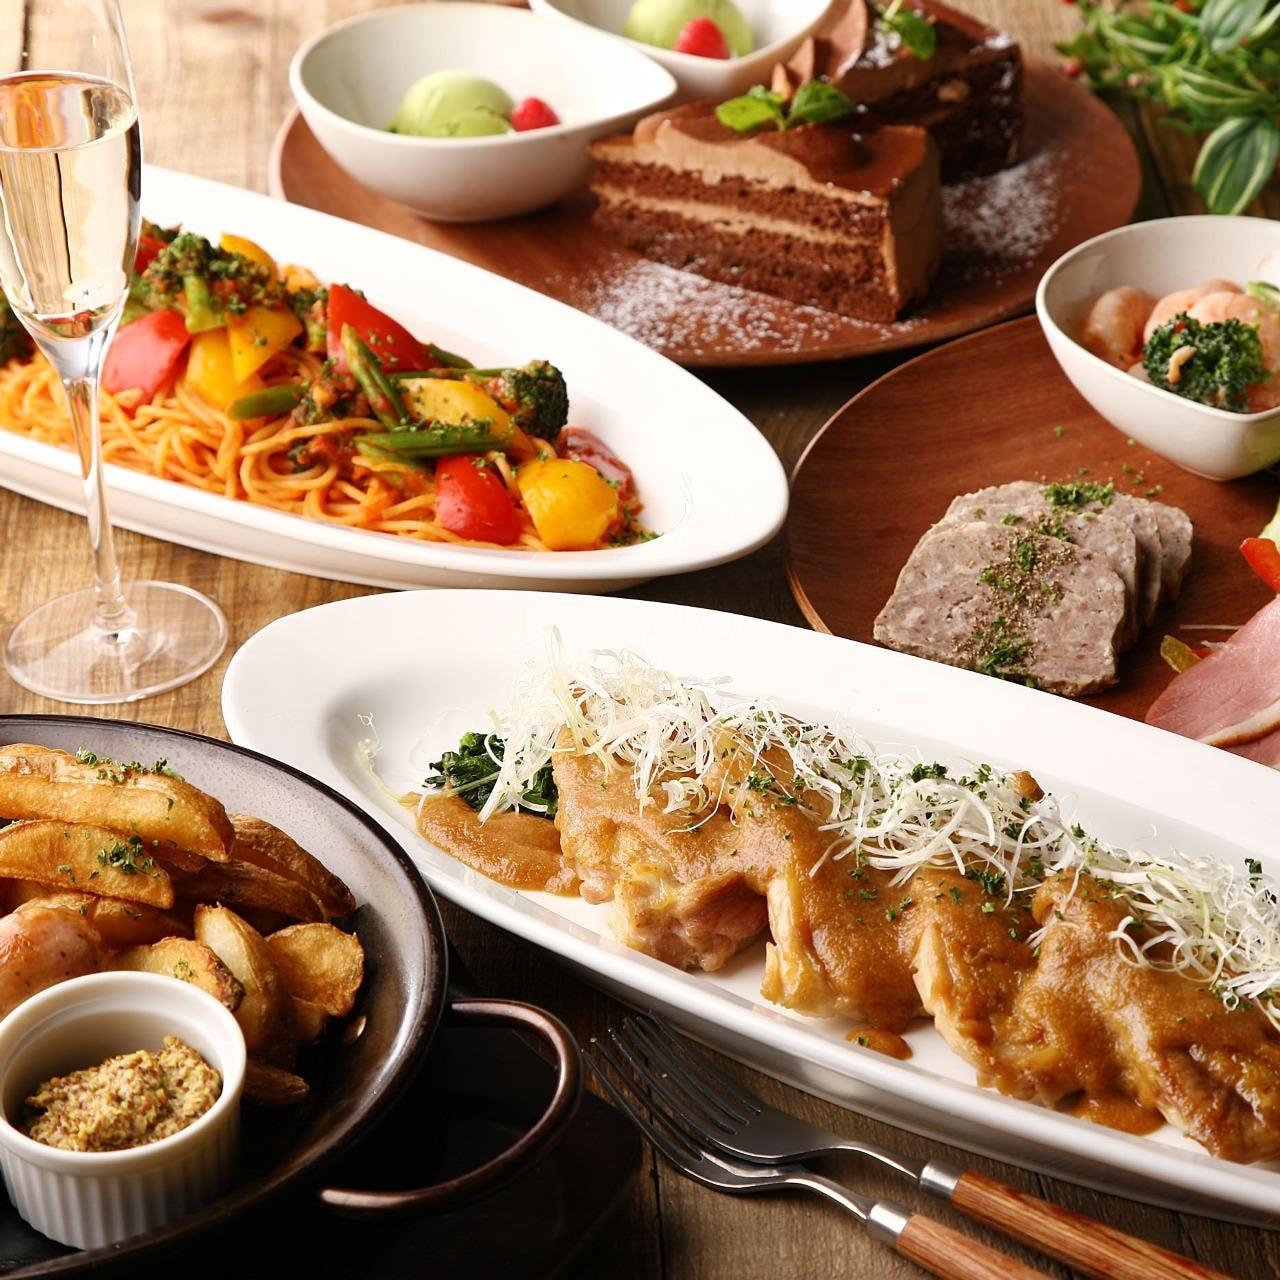 【11・12月限定★カジュアルプラン】前菜~デザートまで全7品!メインは牛サーロインのグリル